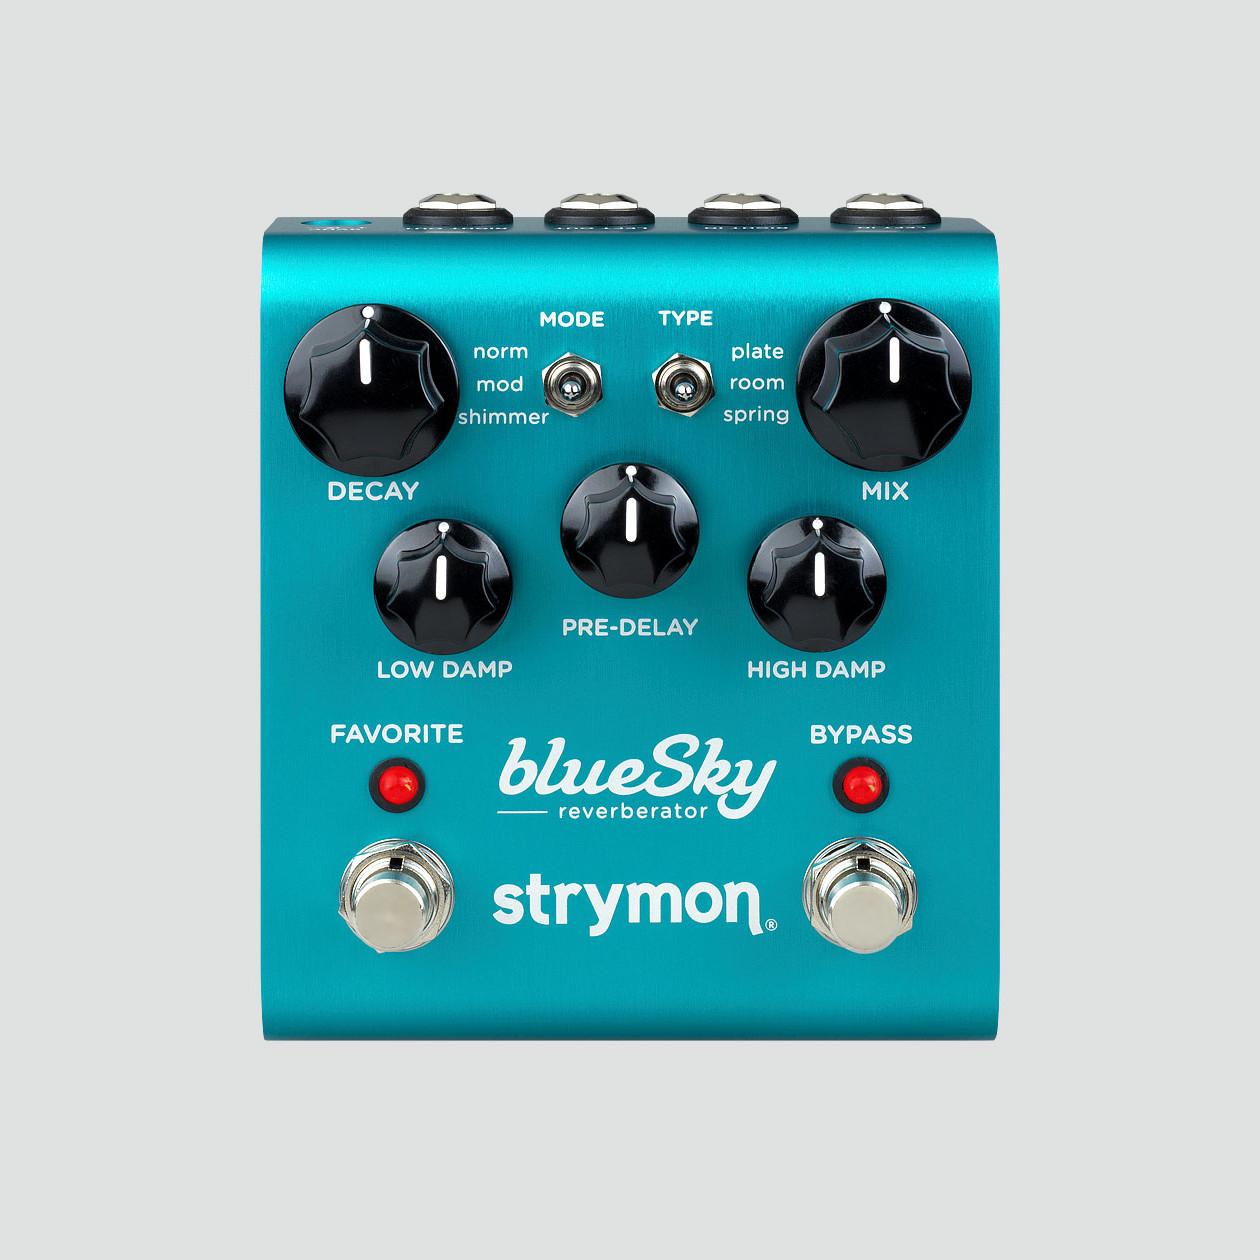 【最高峰のリバーブ・エフェクト、ラック型リバーブを凌駕する完成度】 strymon《ストライモン》blue Sky《ブルースカイ》